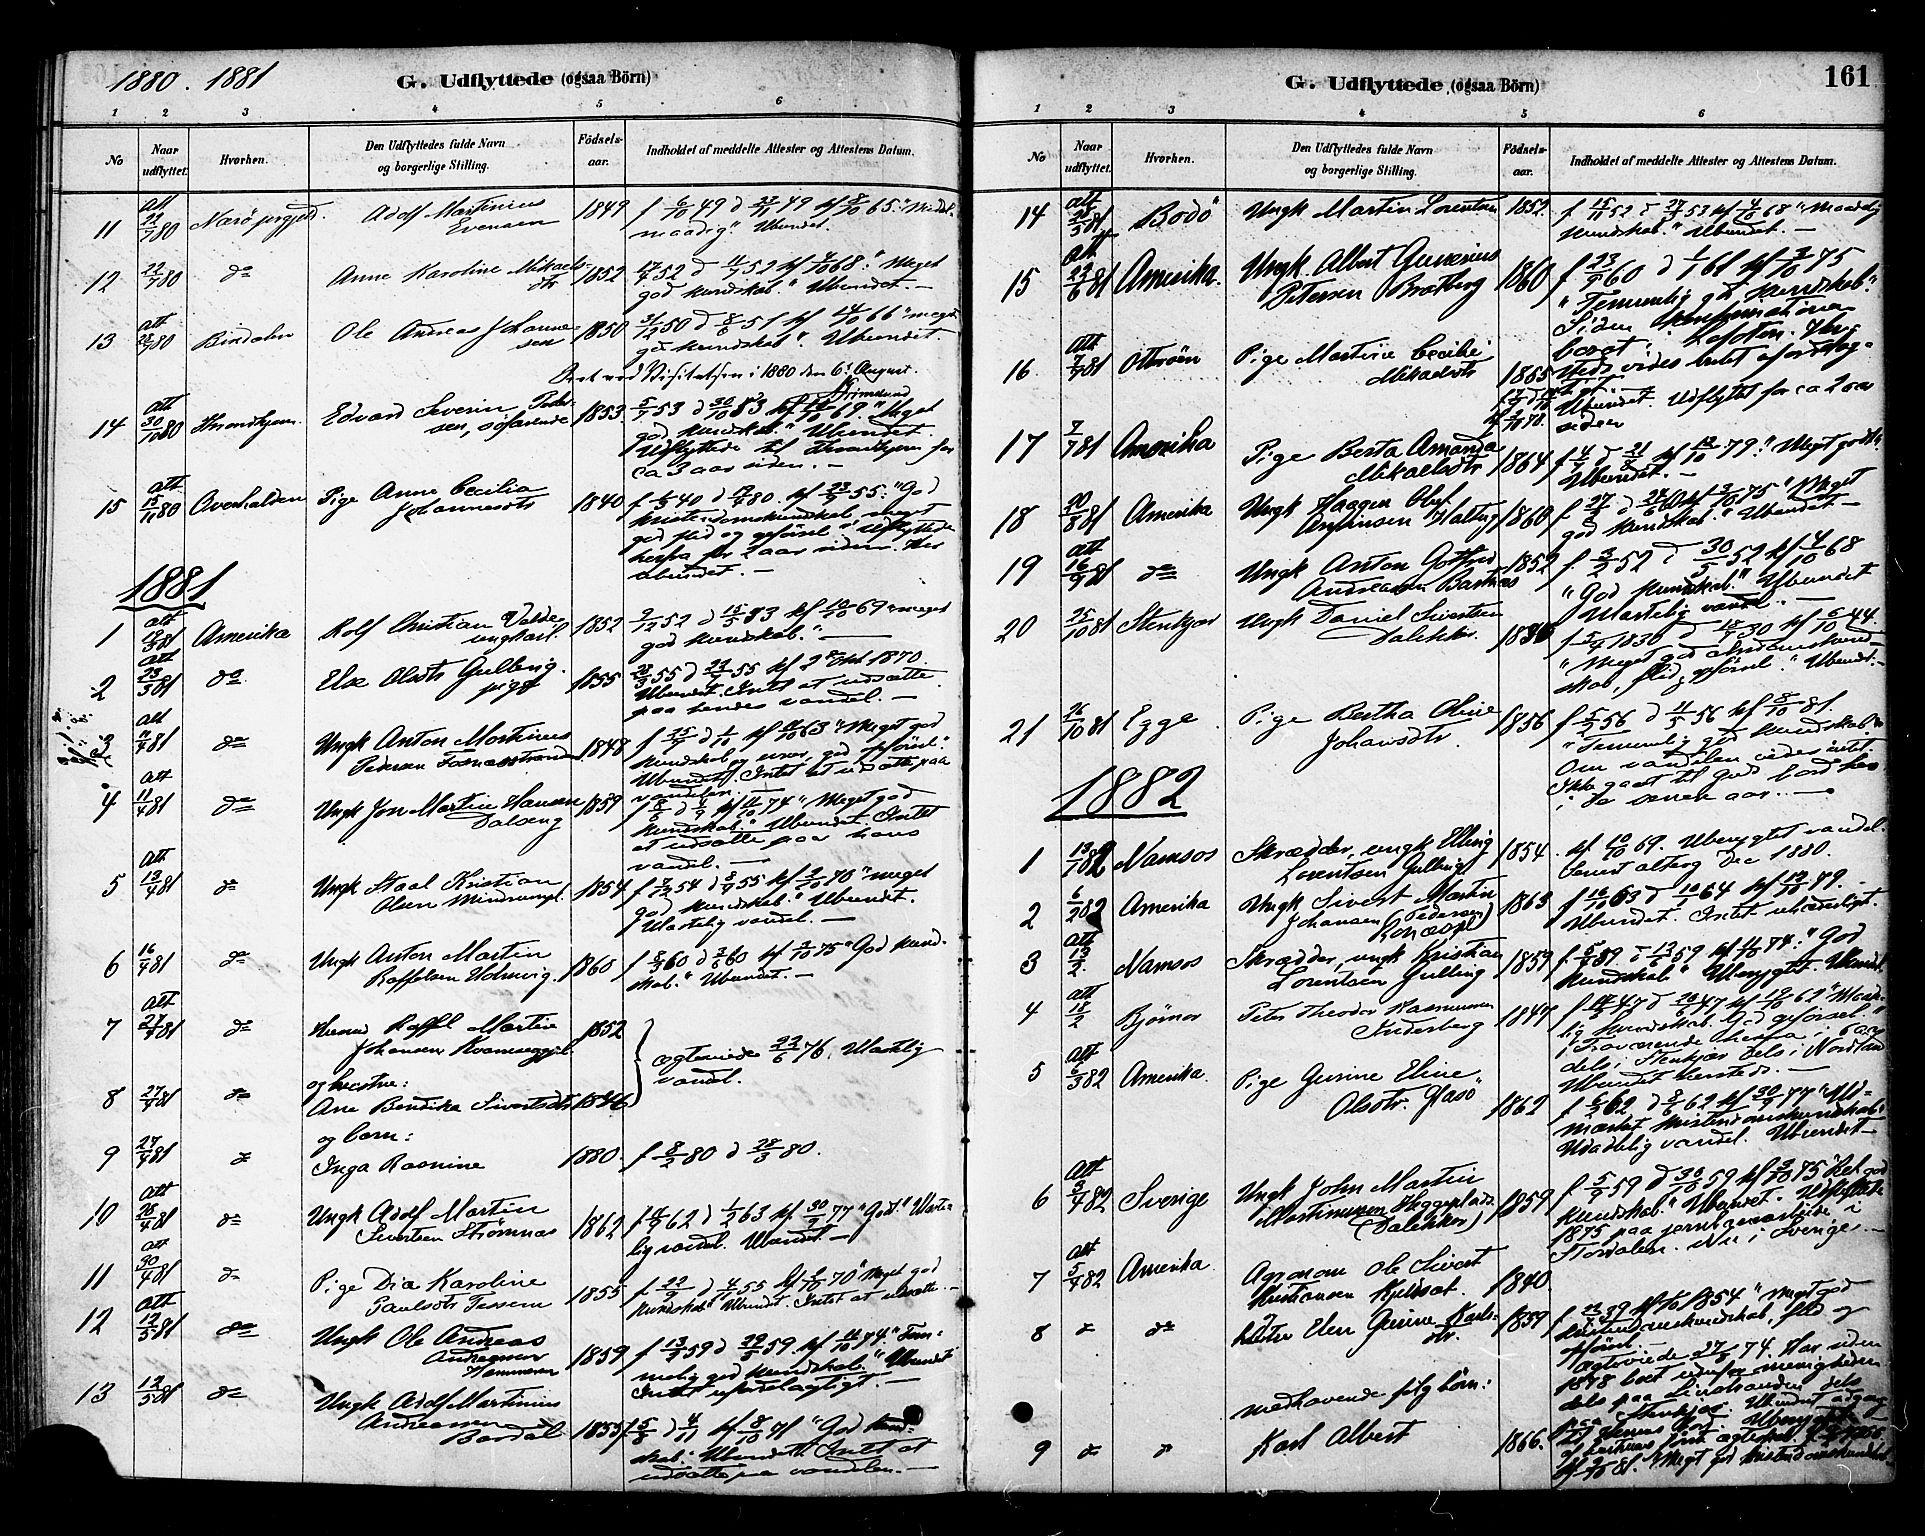 SAT, Ministerialprotokoller, klokkerbøker og fødselsregistre - Nord-Trøndelag, 741/L0395: Ministerialbok nr. 741A09, 1878-1888, s. 161